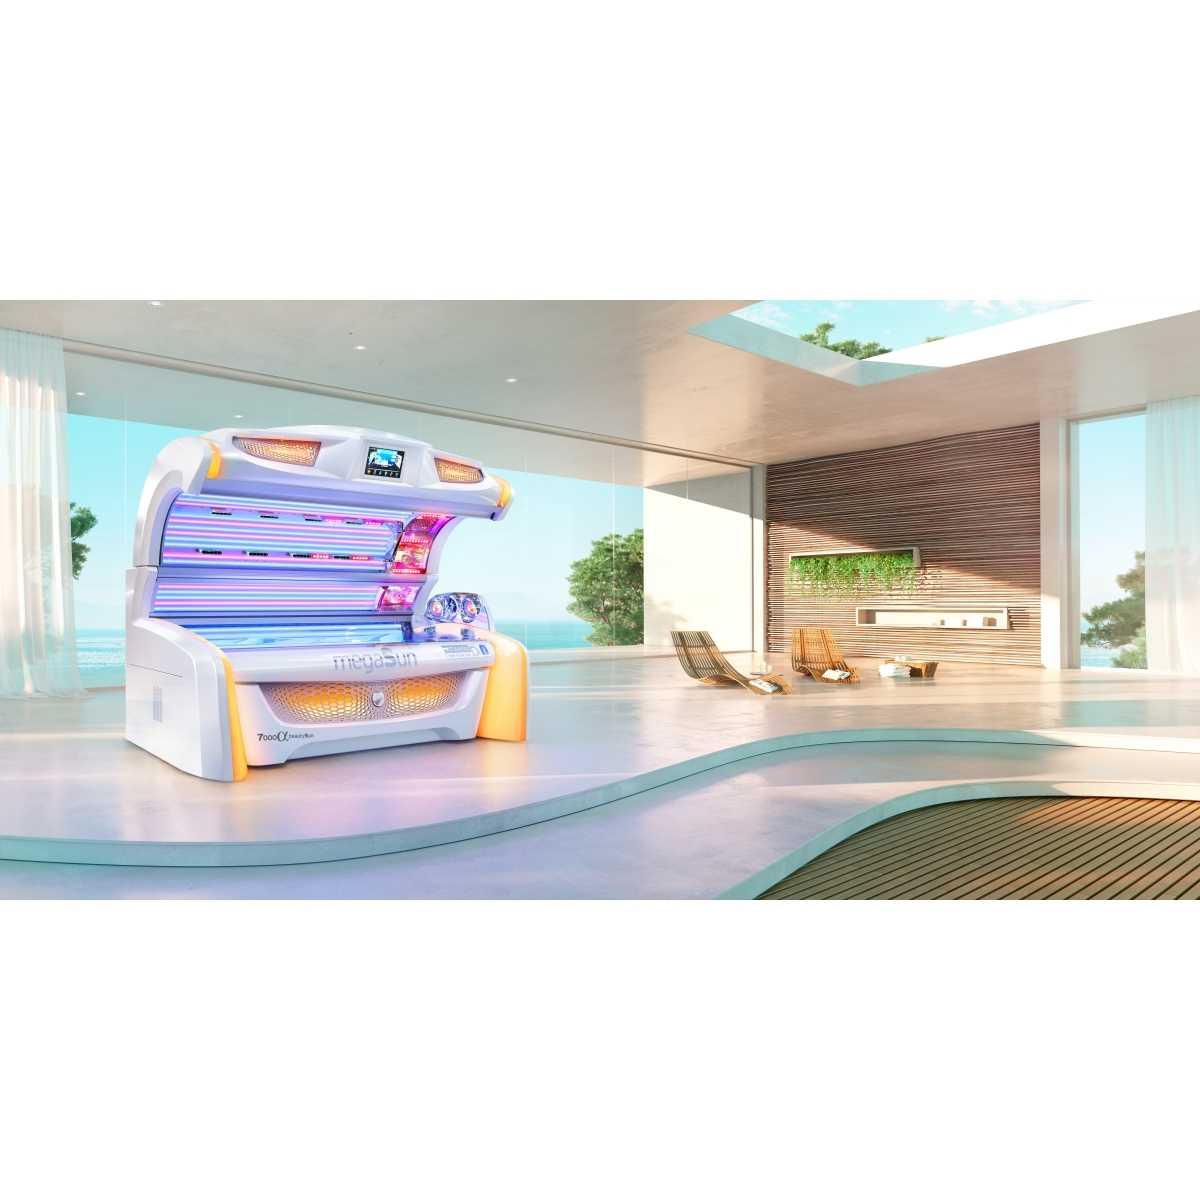 megaSun 7000 Alpha BeautySun - Colageno + Bronceado - Megasun